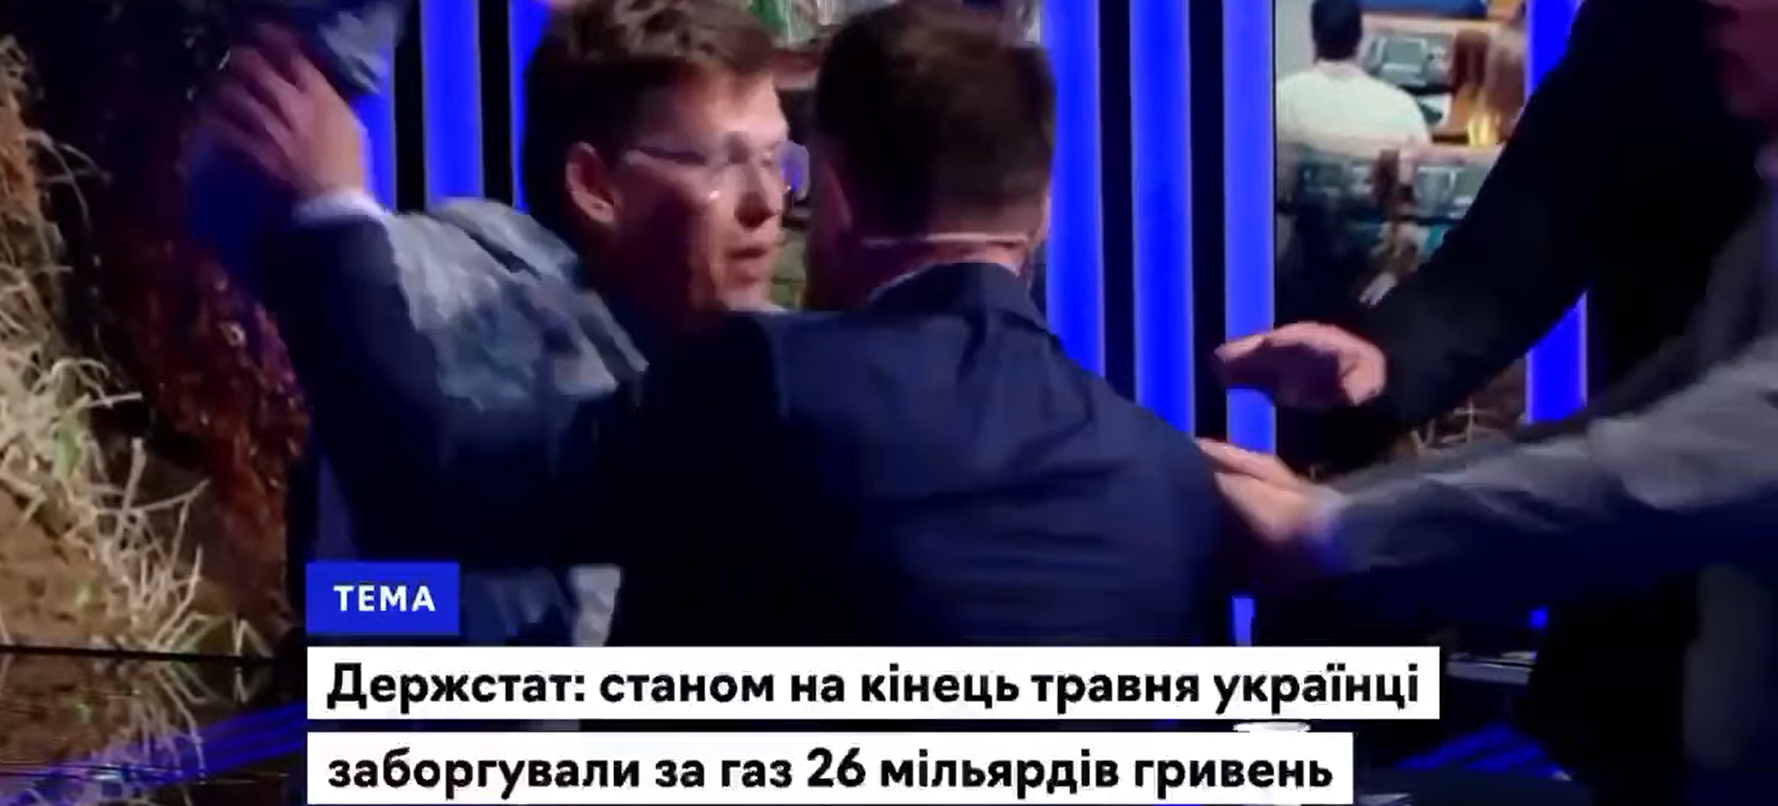 Слуга народа Камельчук, министр соцполитики Розенко, драка, потасовка, Наш